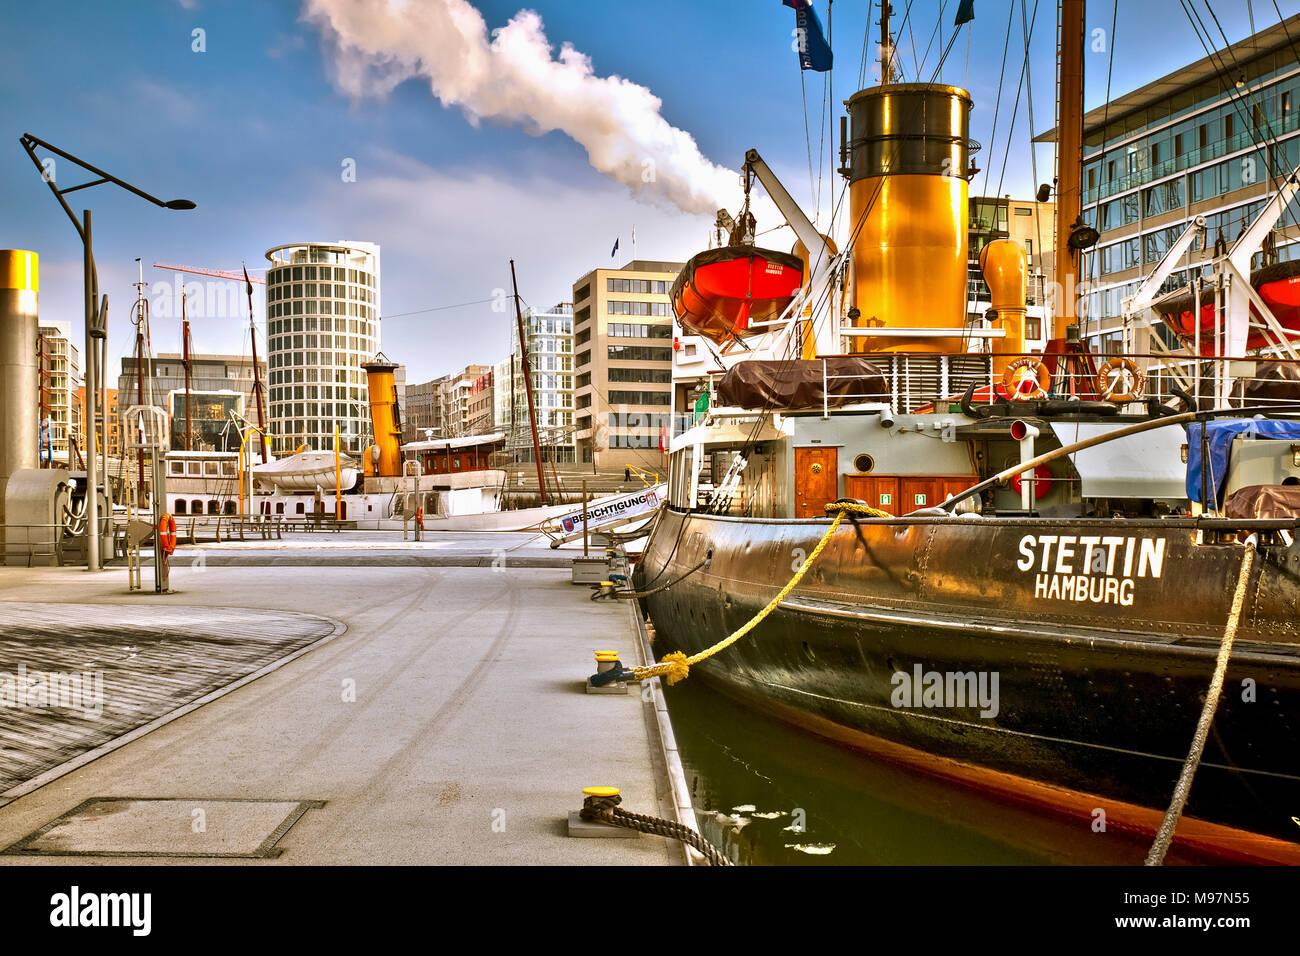 Deutschland, Hamburg, Hafencity, Sandtorkai, Sandtorhafen, Dalmannkai, Magellan-Terrassen, Architekur, historisches Schiff, Stettin Stockbild